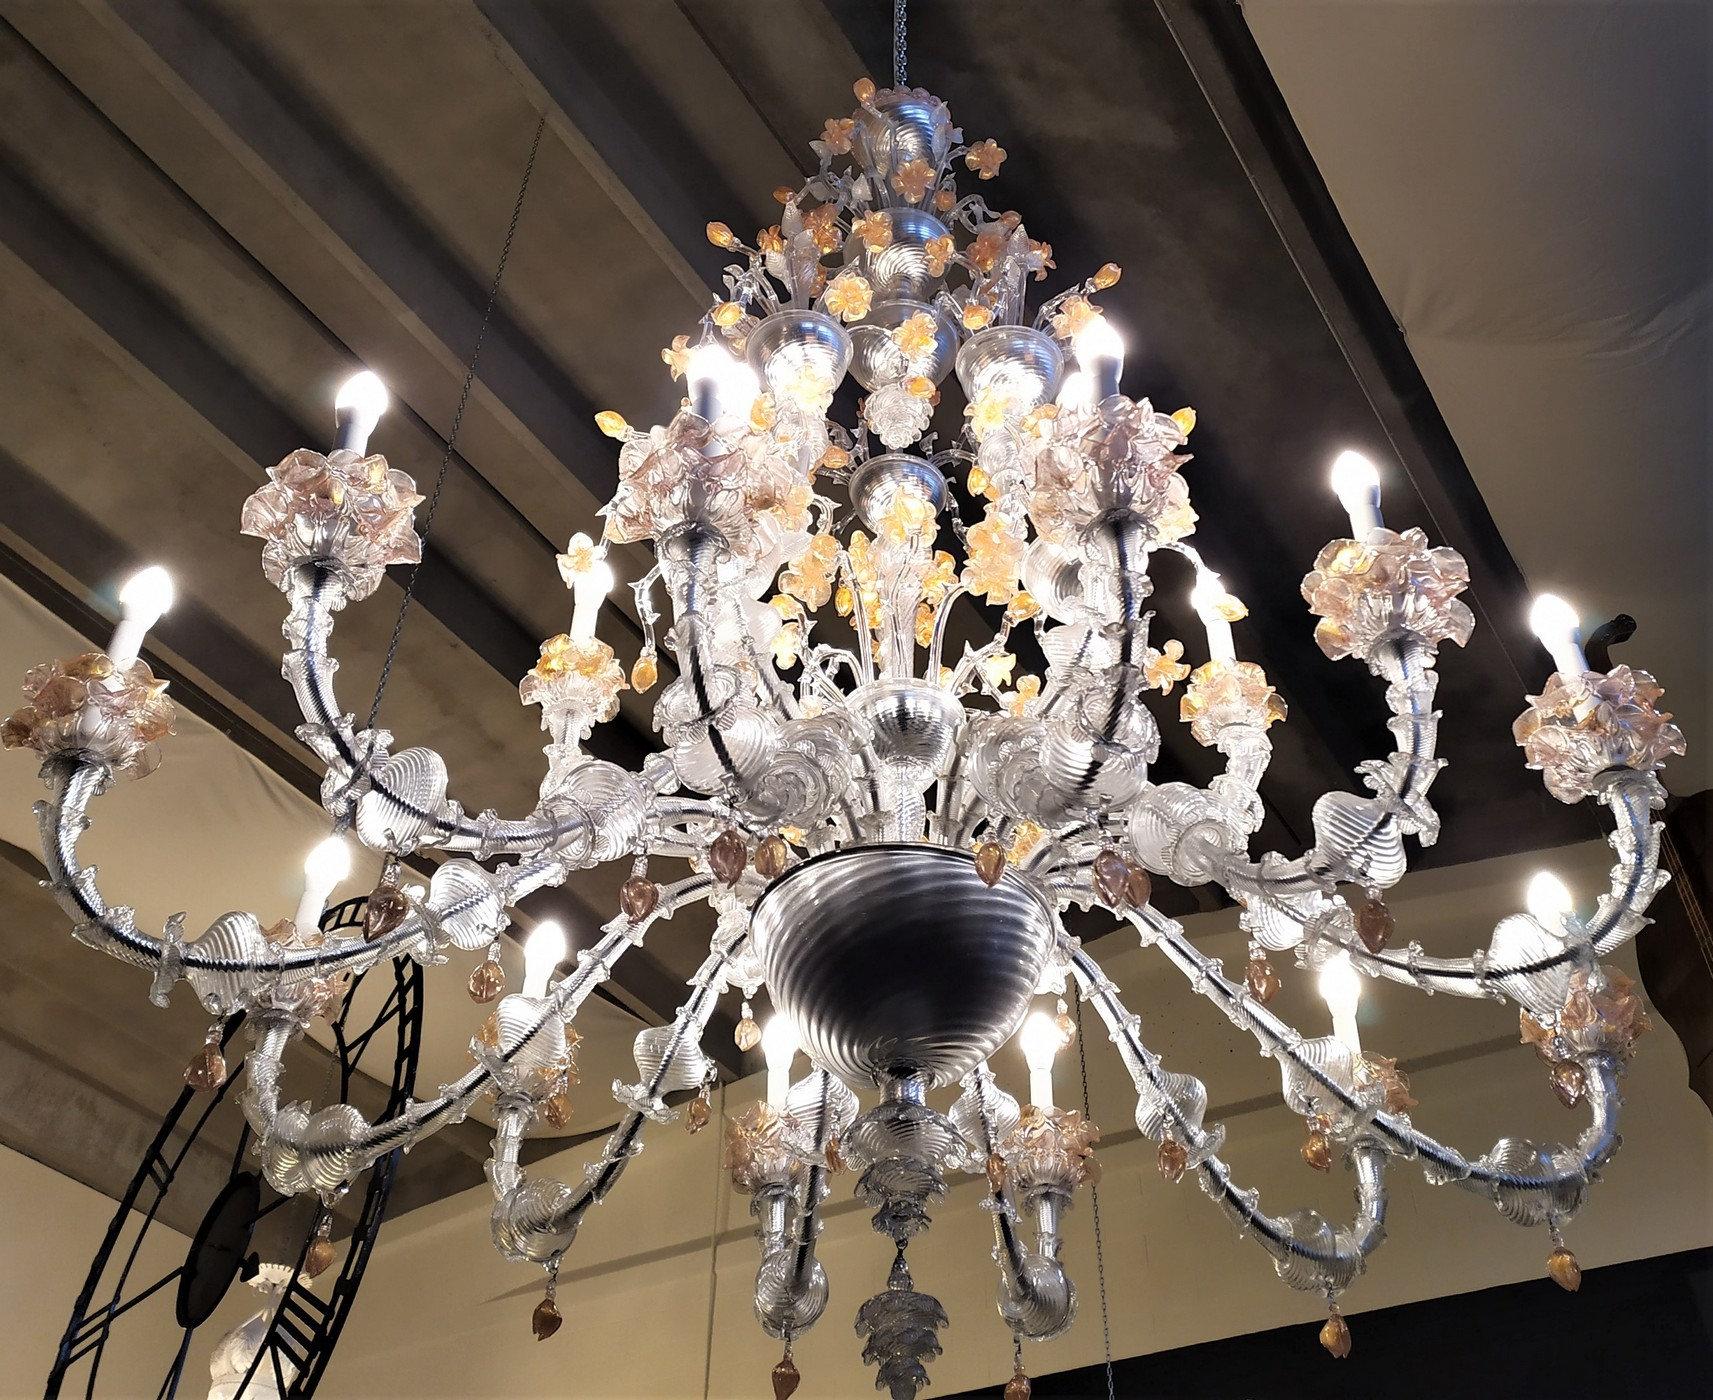 Acquista adesso i lampadari ca rezzonico made in italy certificati! Enorme Lampadario Murano Ca Rezzonico 18 Luci Casa Madre Milano